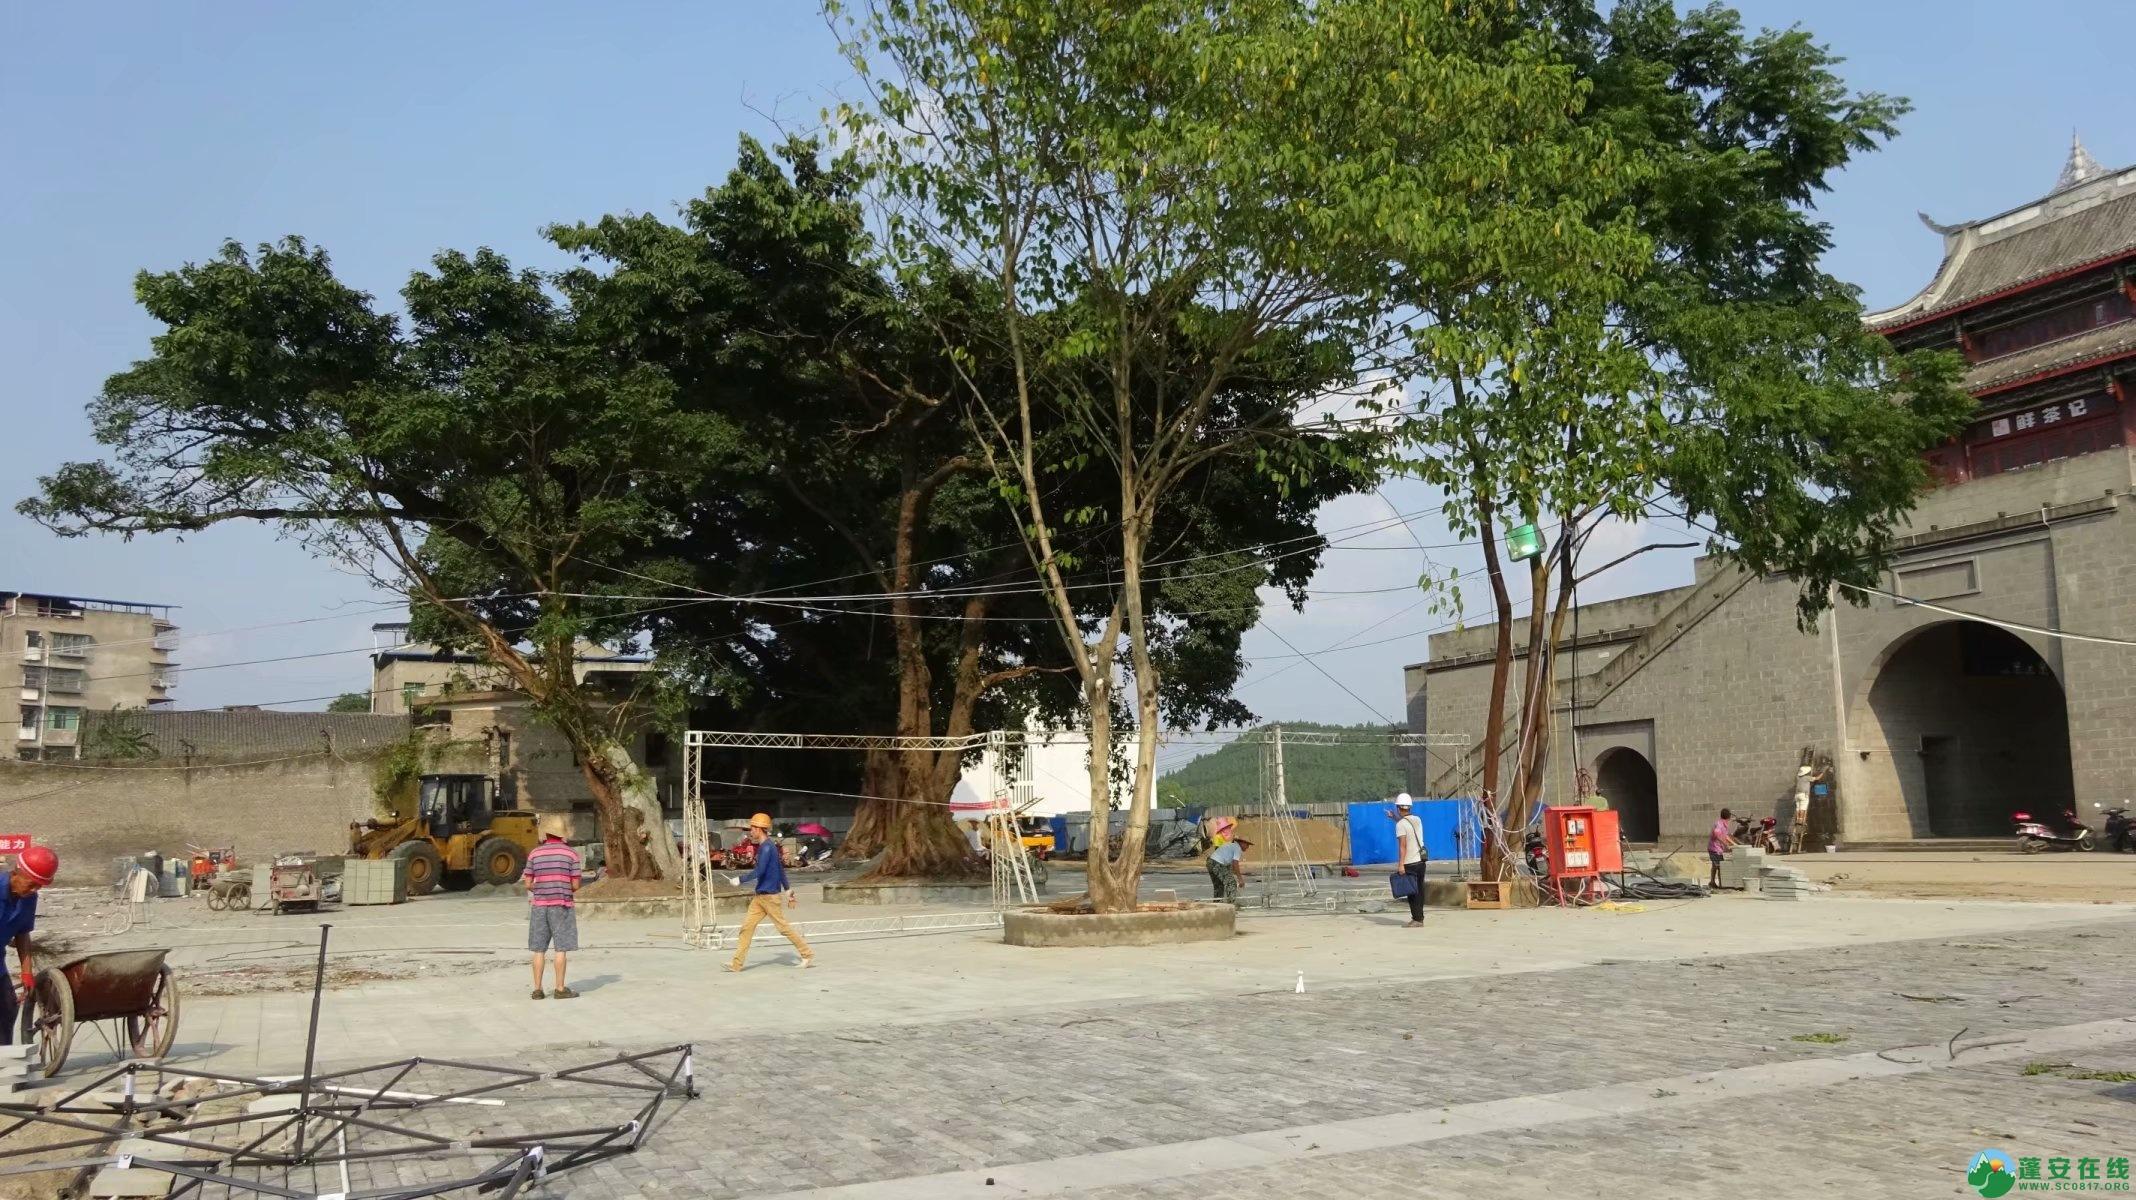 蓬安锦屏相如故城建设迅猛 - 第75张  | 蓬安在线